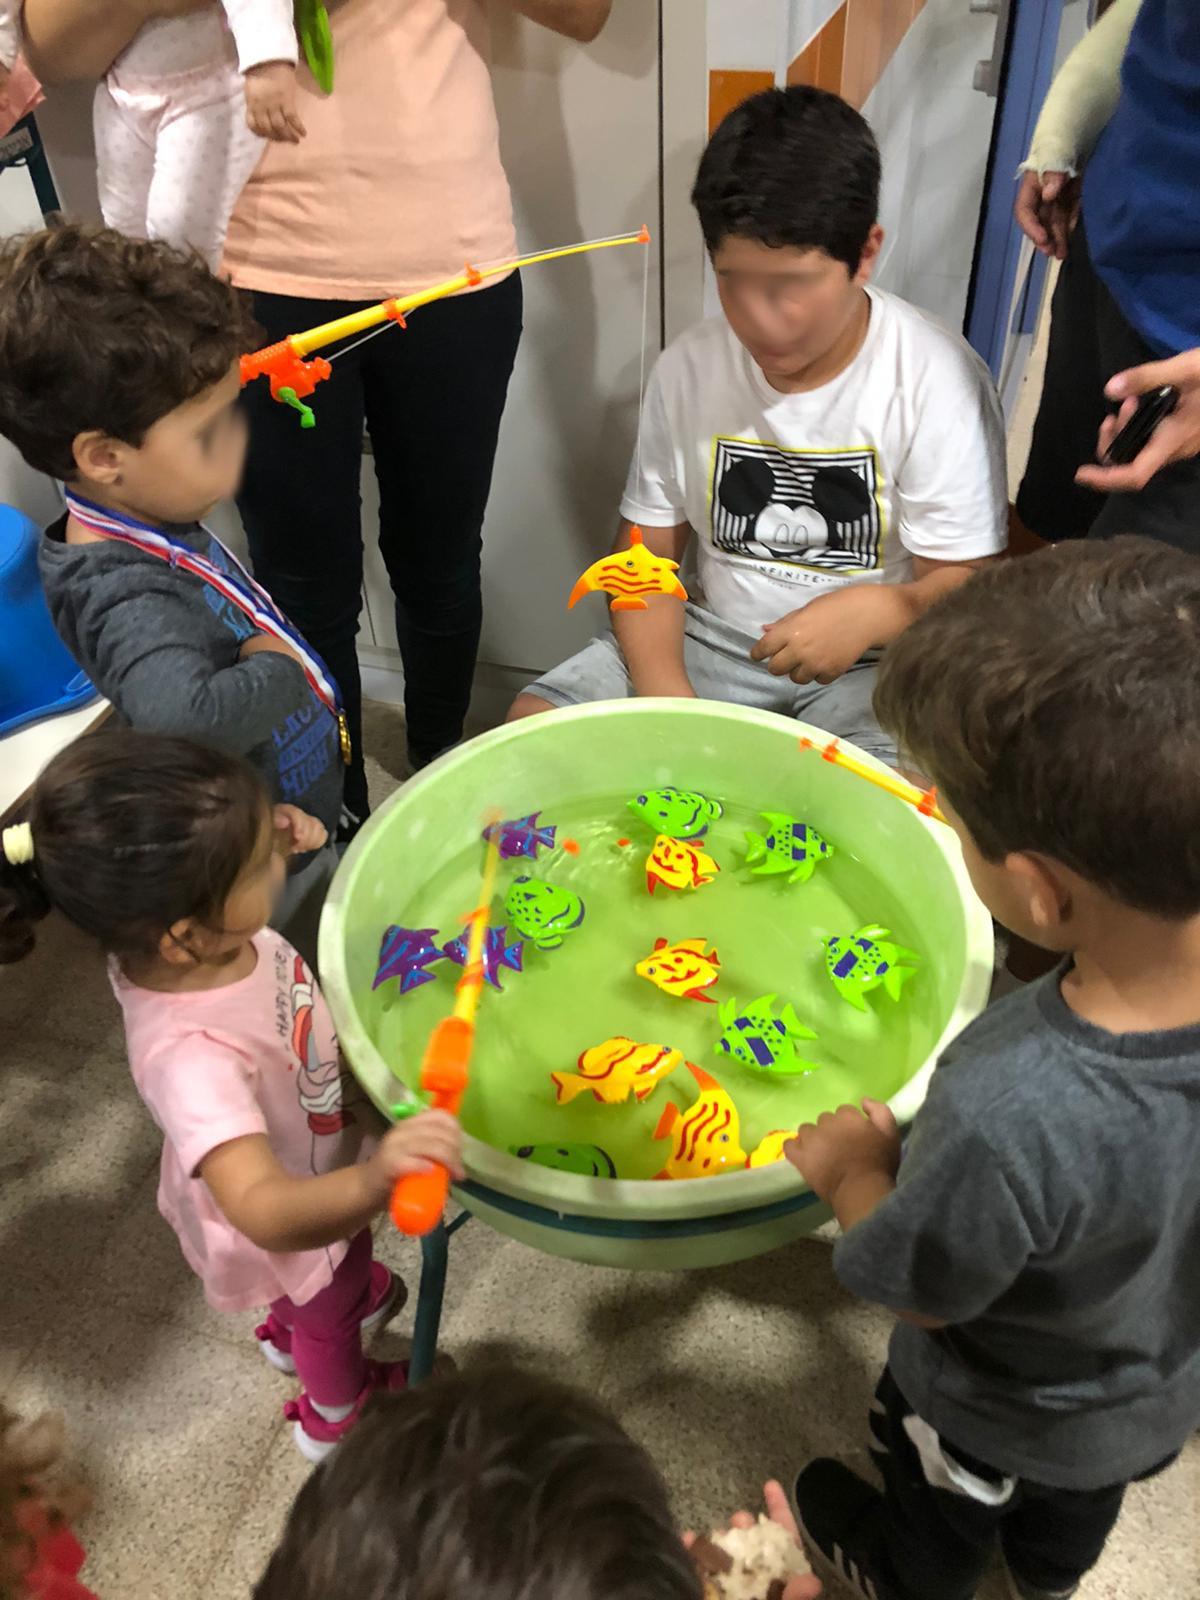 תמונה של הורים וילדים בפעילות קהילתית בגן ההתחדשות שכונת שרונה כפר יונה